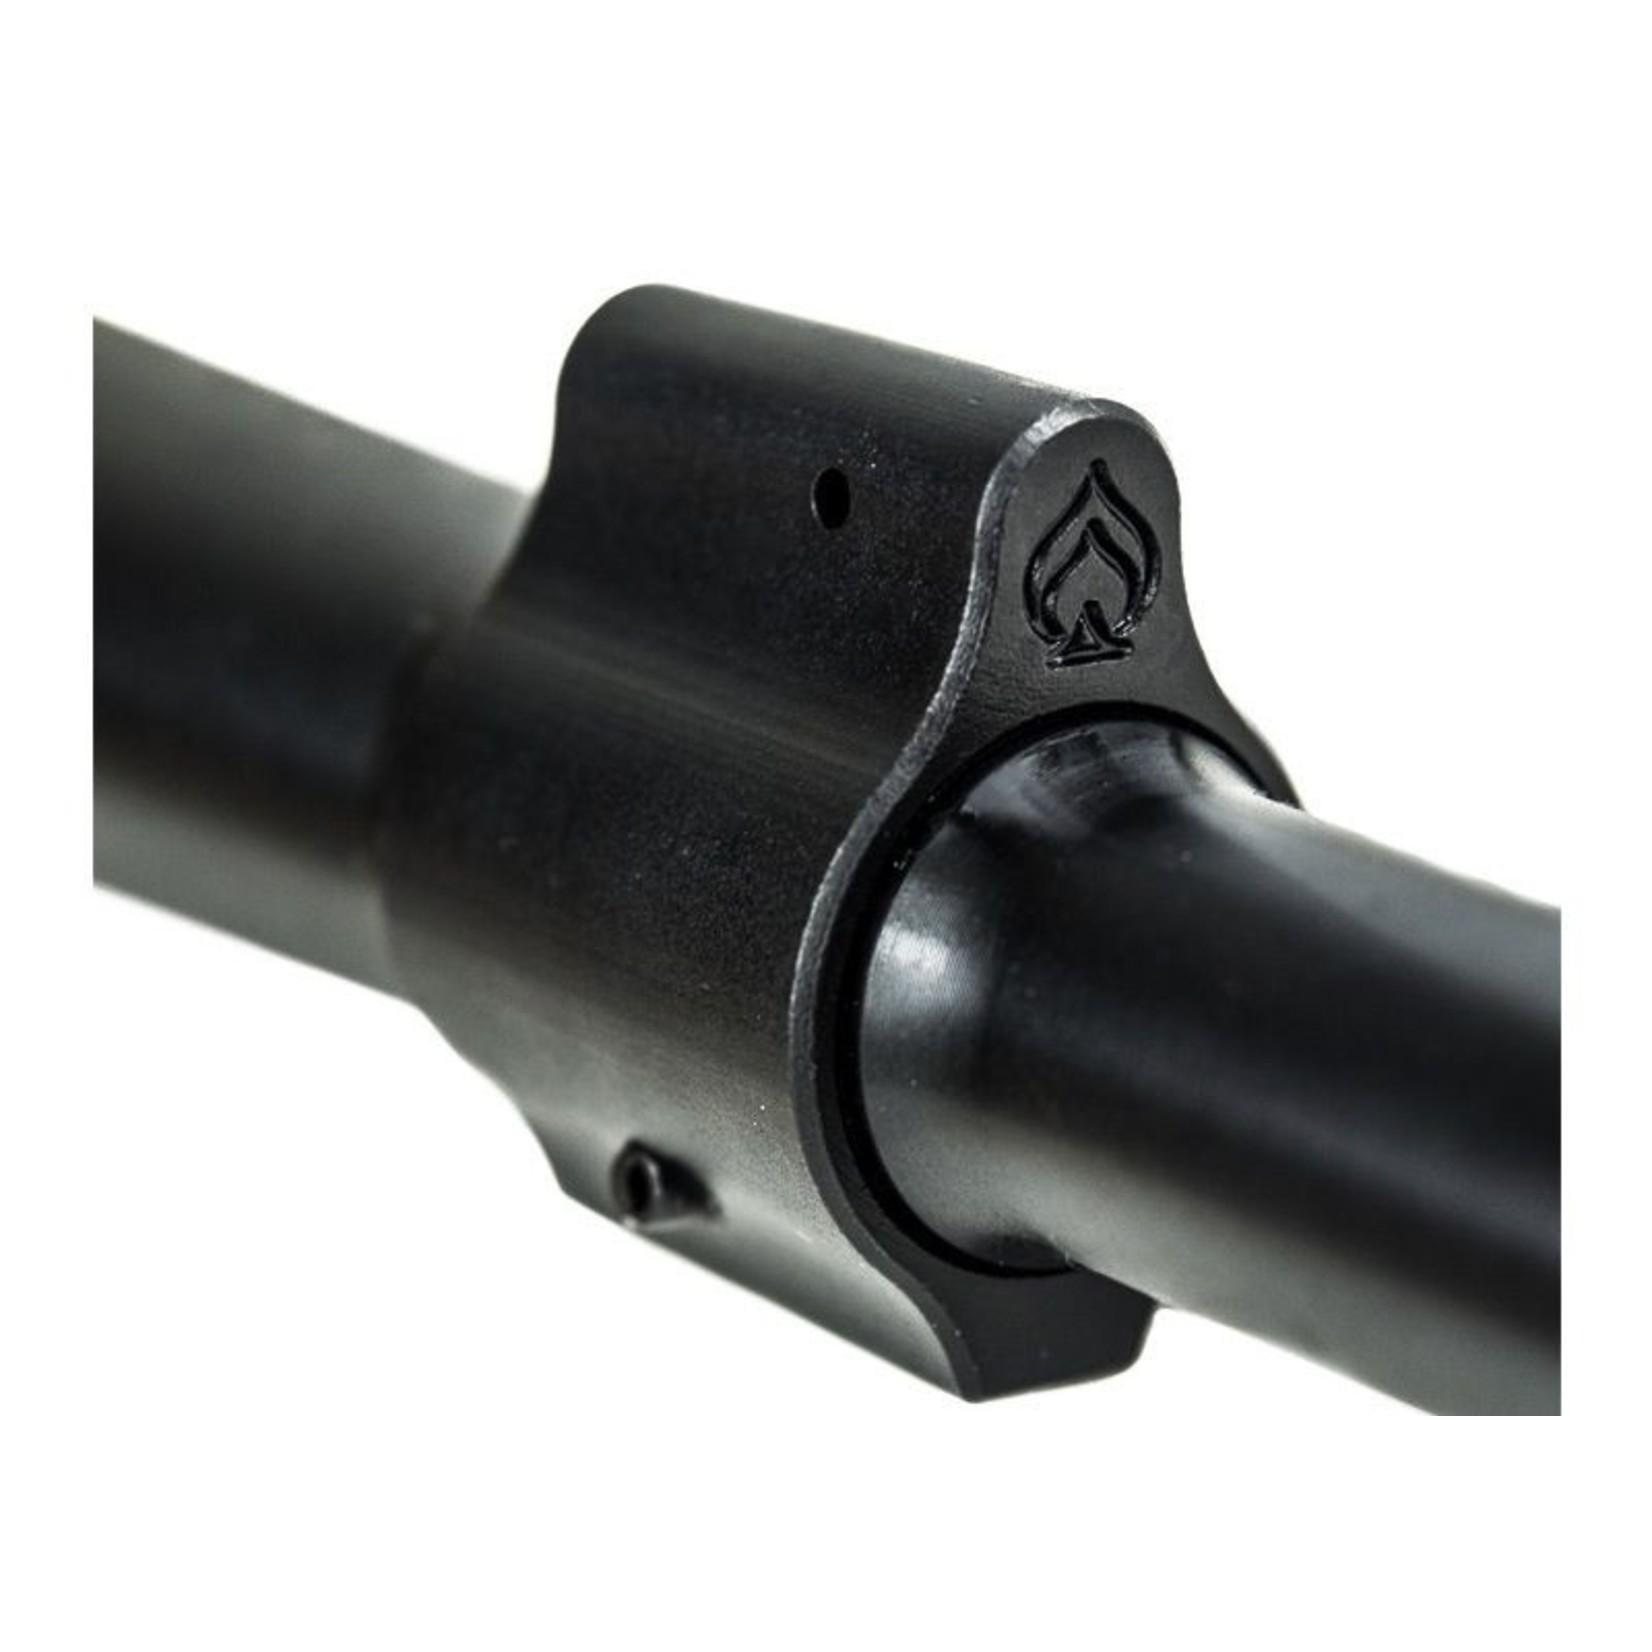 """Ballistic Advantage 7.5"""" 5.56x45 Performance Series Barrel Pistol Length, Ballistic Advantage"""